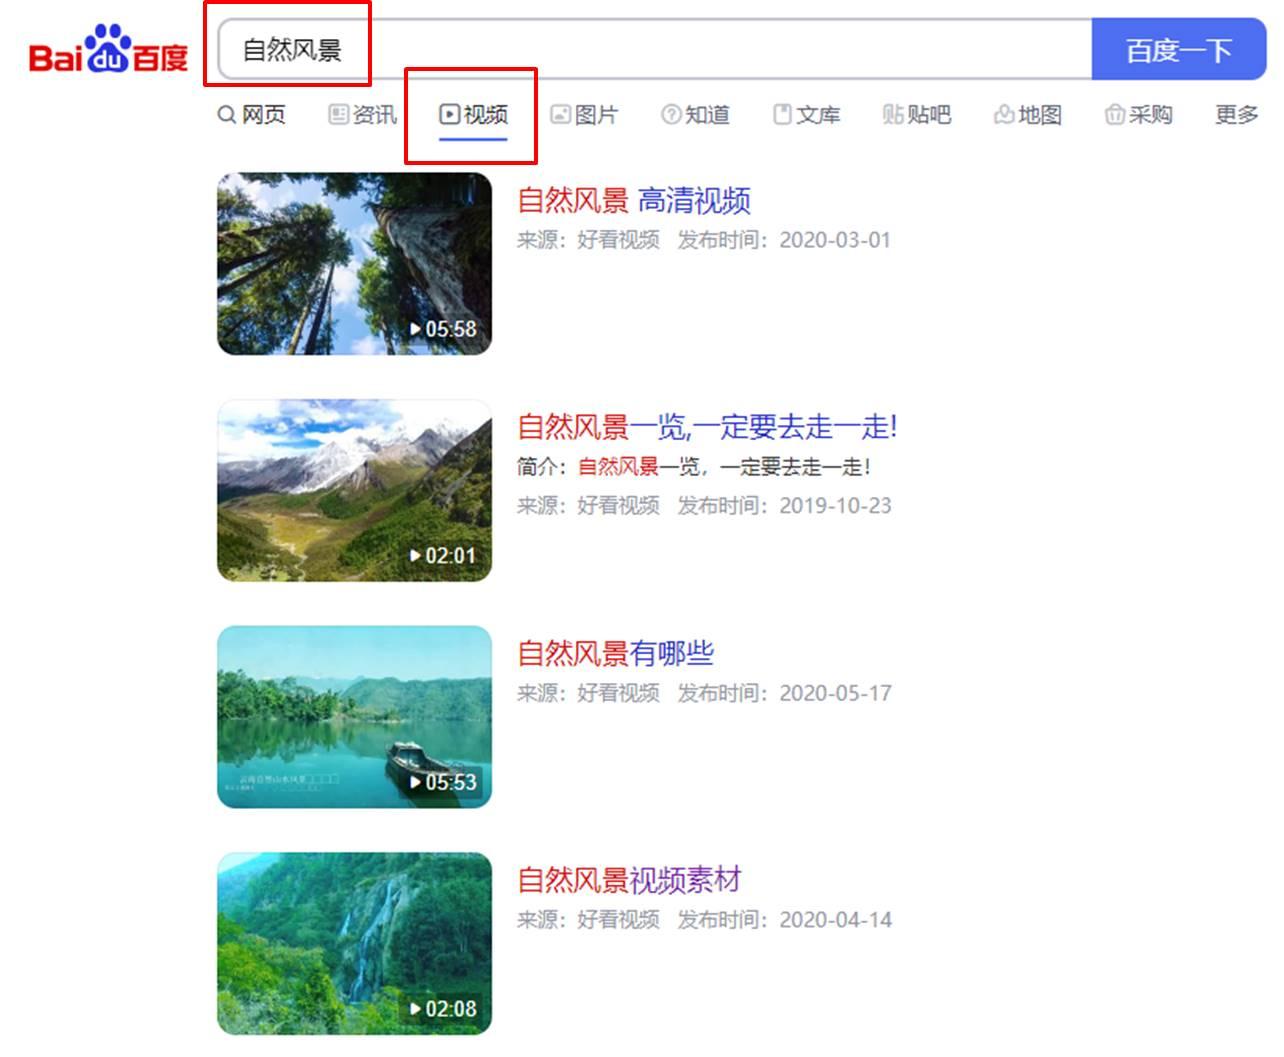 图5:搜索视频素材